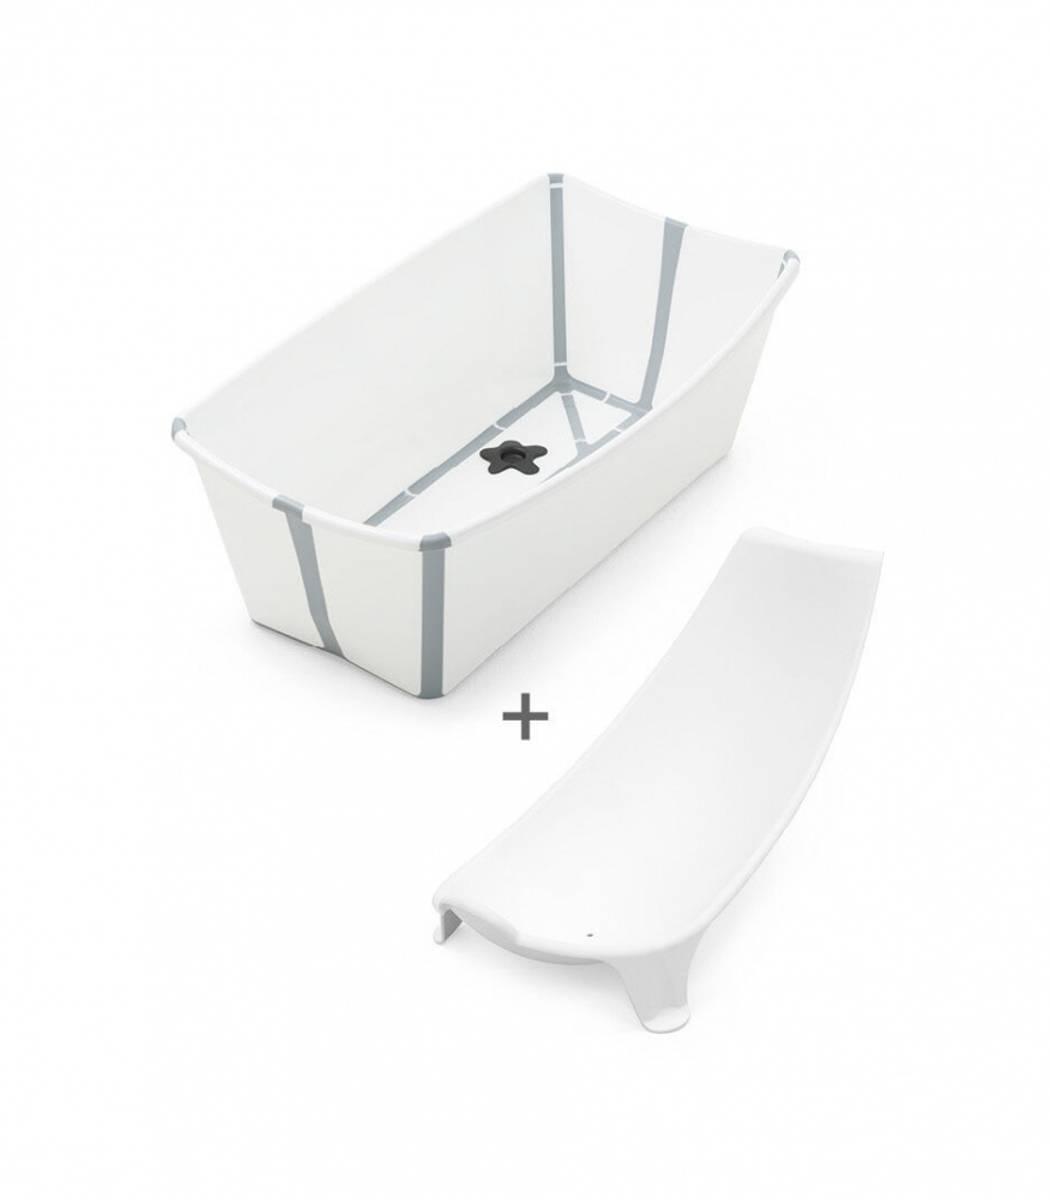 Stokke FLEXIBATH V2 Bundle | White